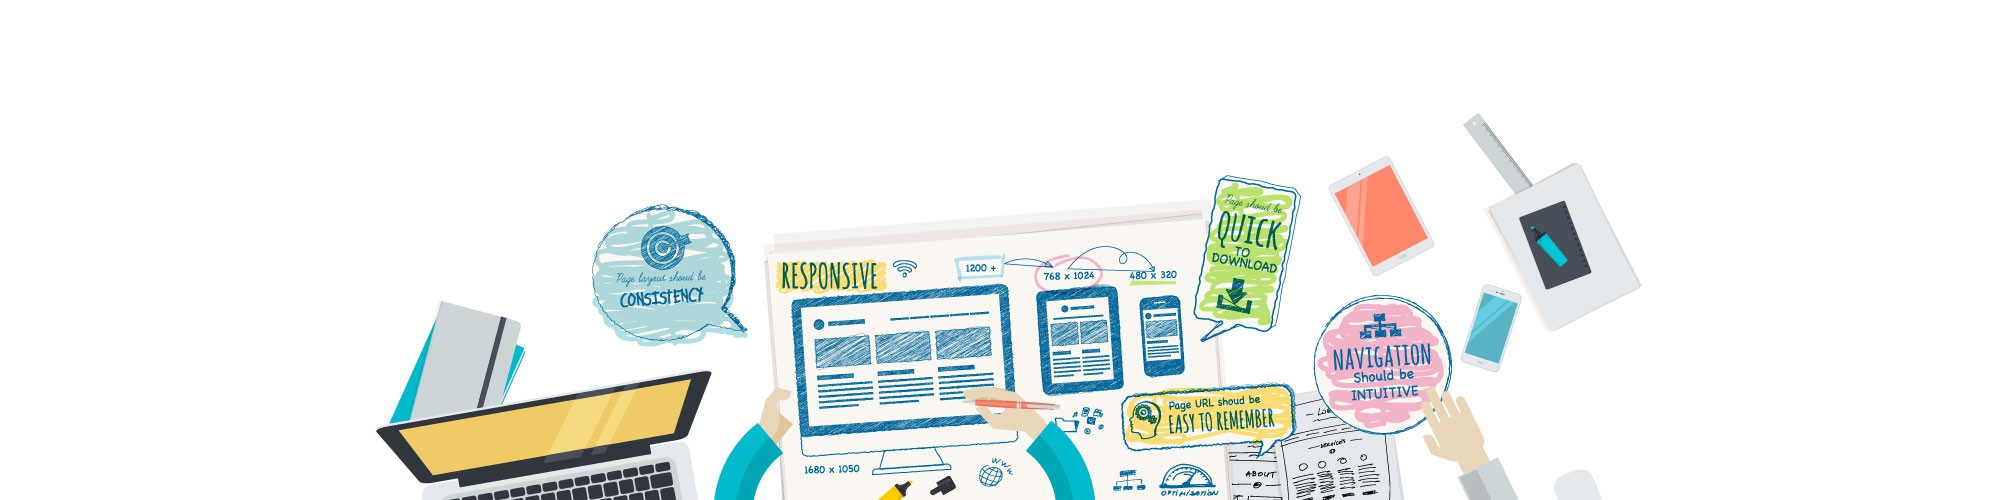 web_responsive_